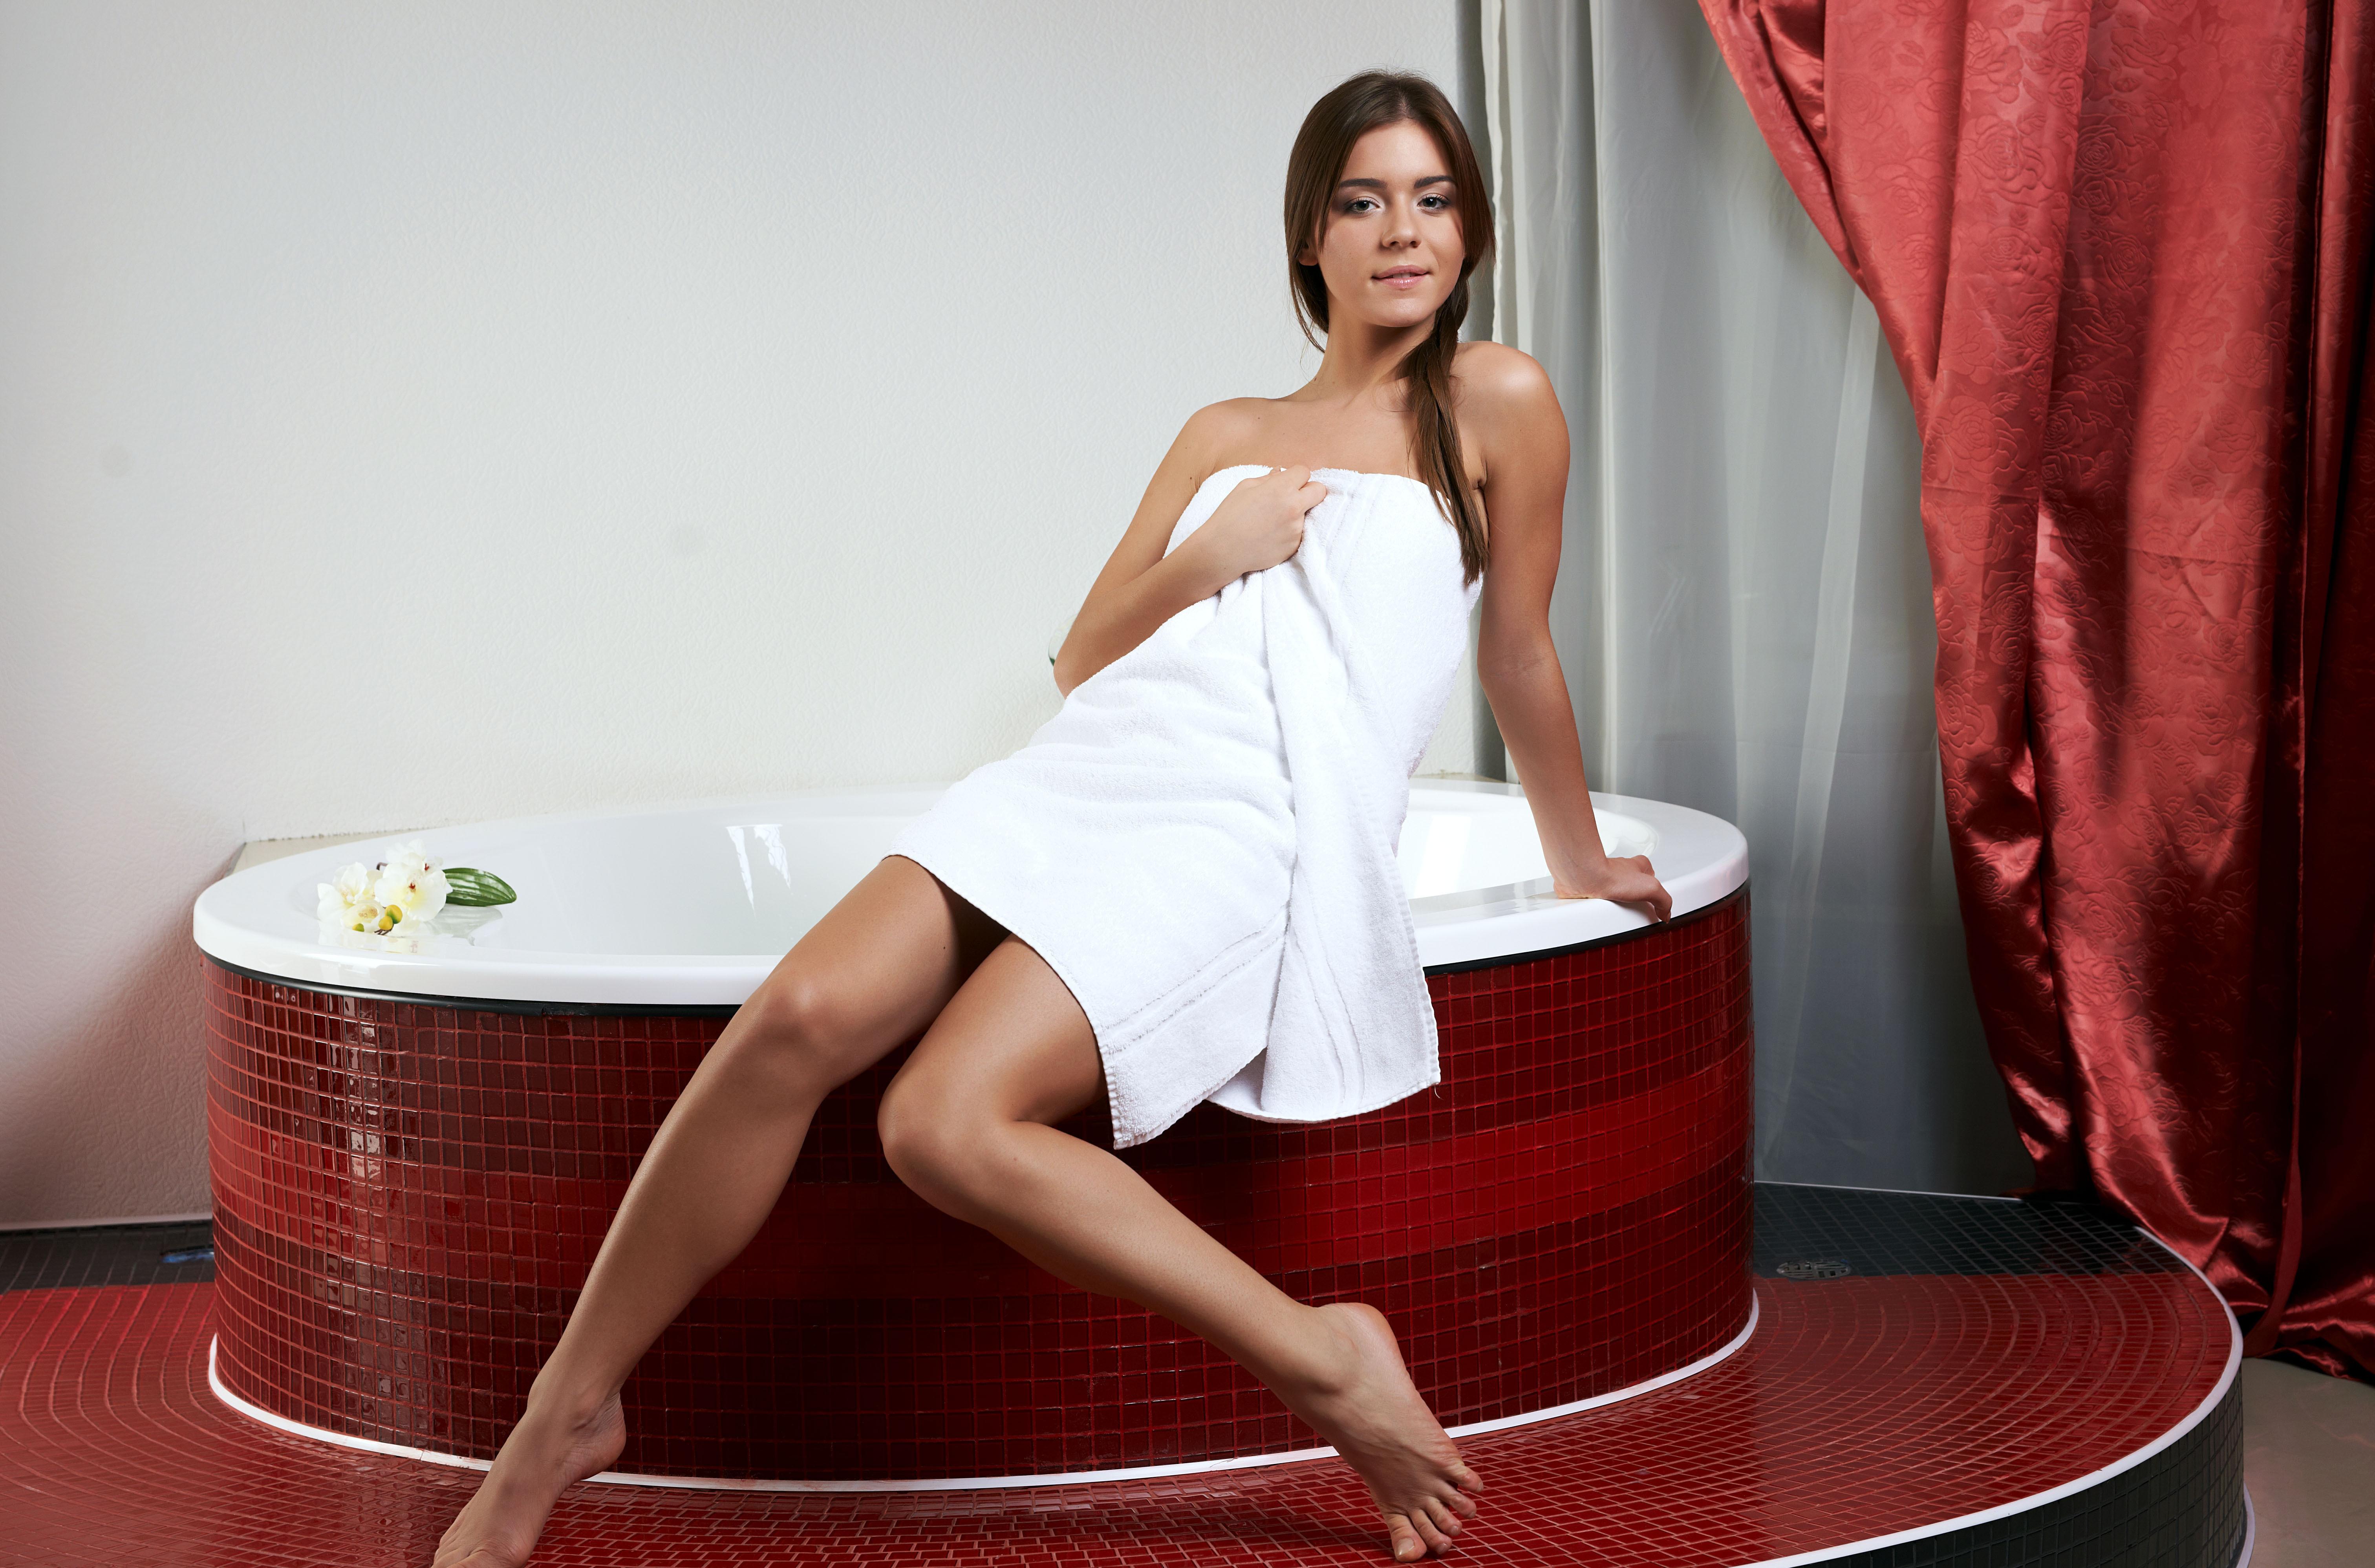 Фото девушки после ванны в халате 16 фотография